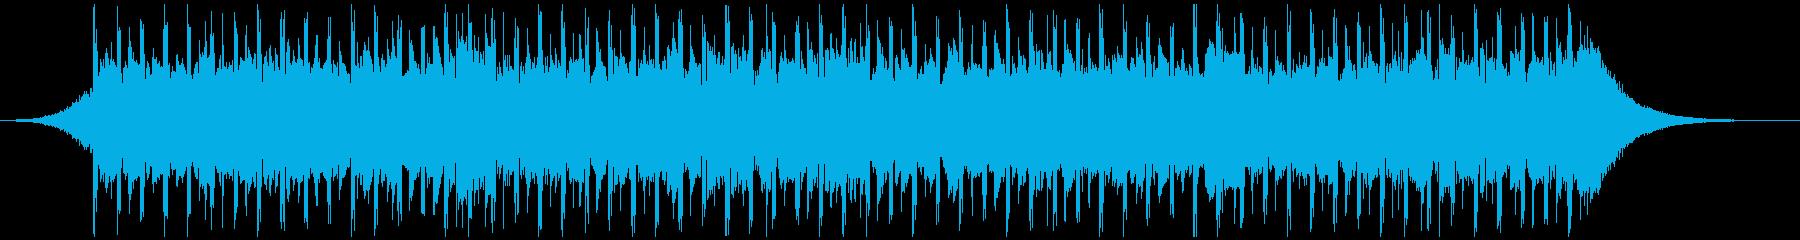 マーケティング用(短)の再生済みの波形